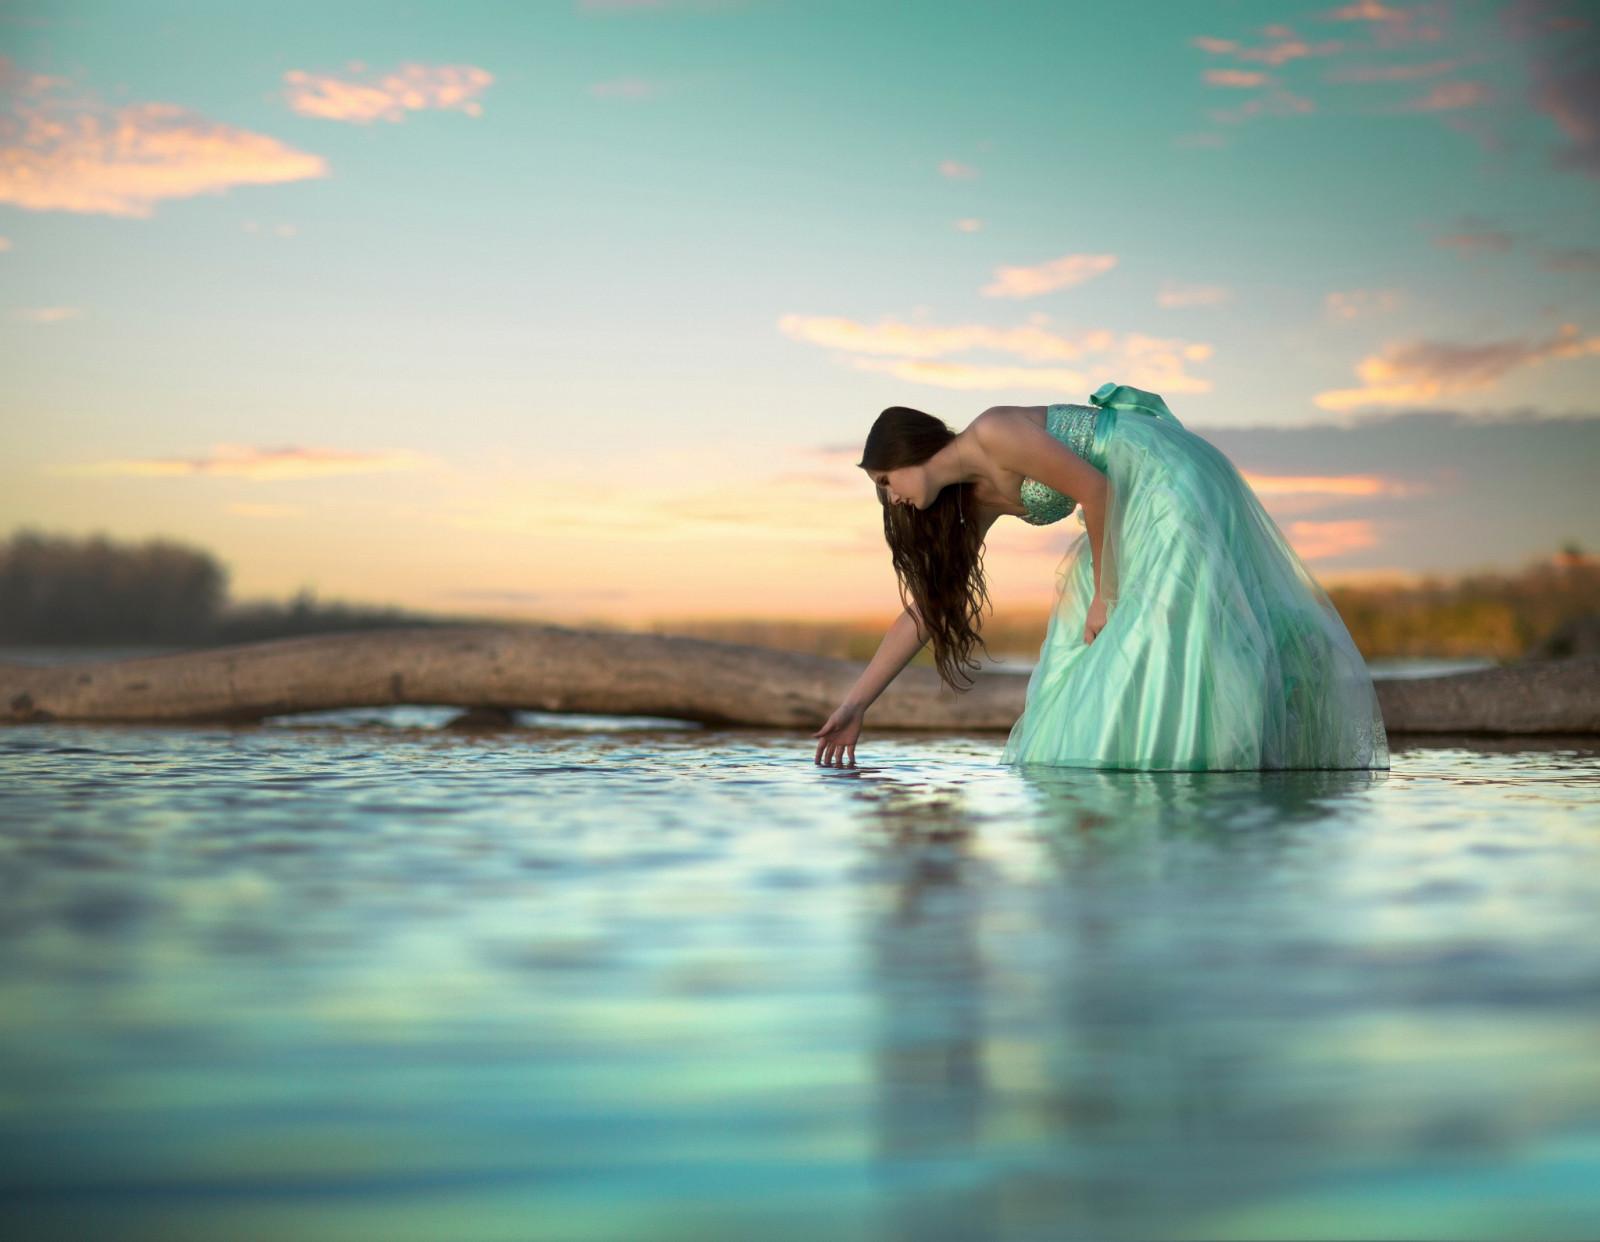 Fondos de pantalla : luz de sol, mujer, modelo, agua